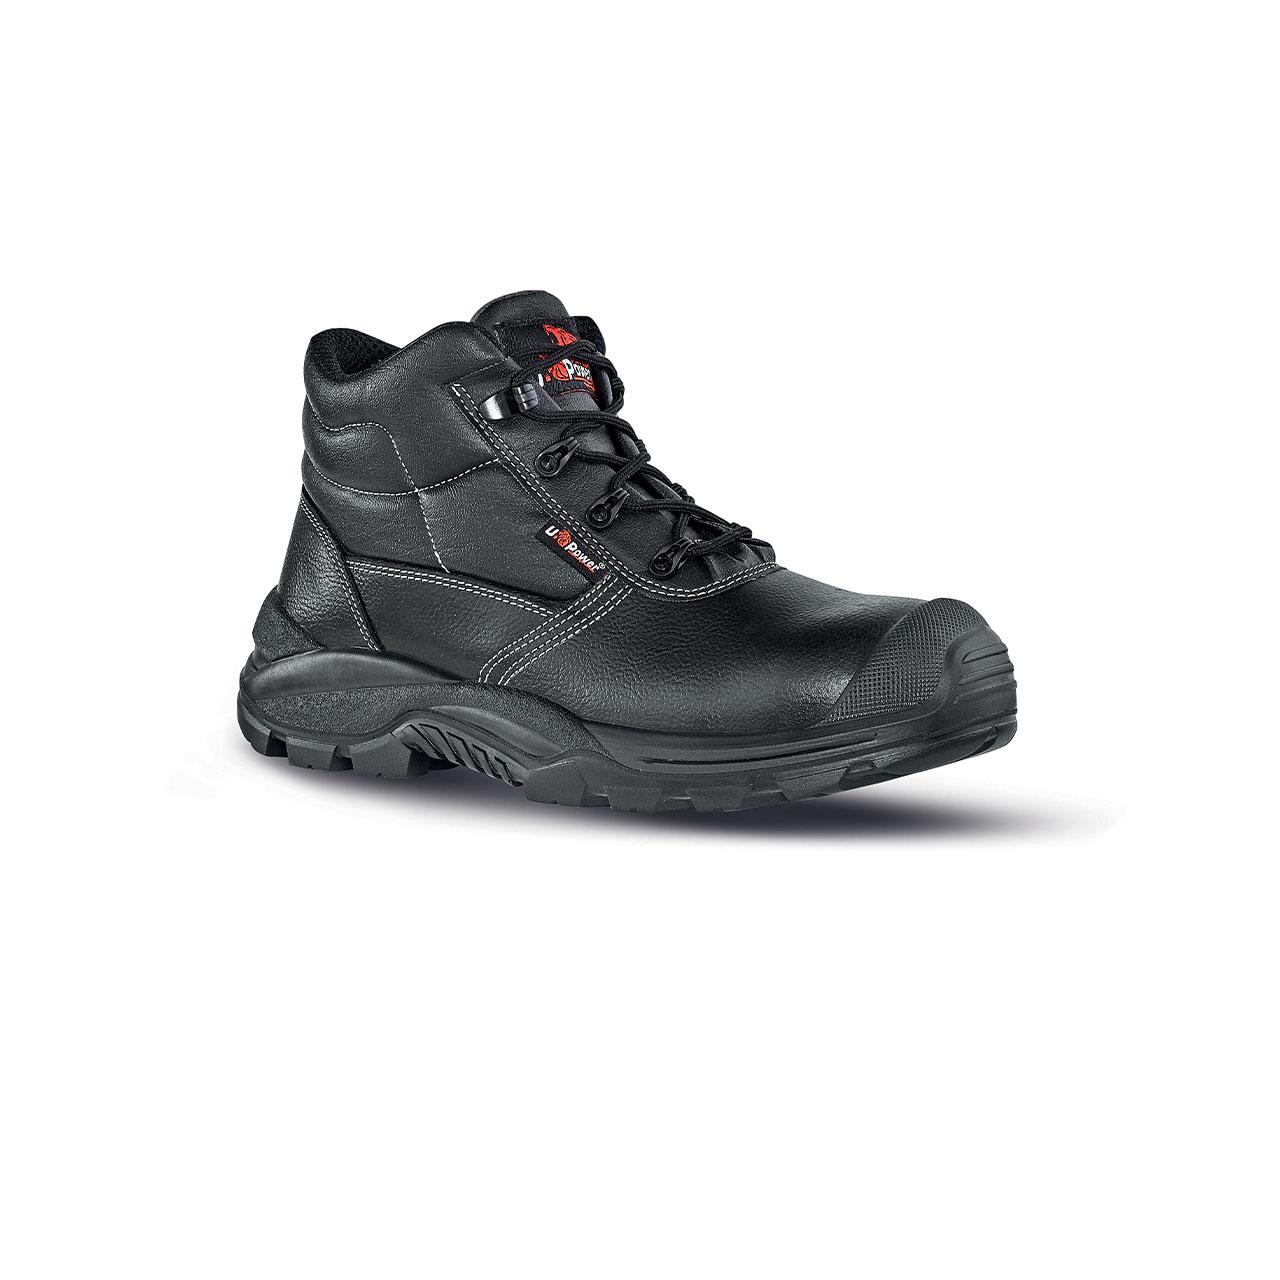 scarpa antinfortunistica upower modello texas linea rock_roll vista laterale